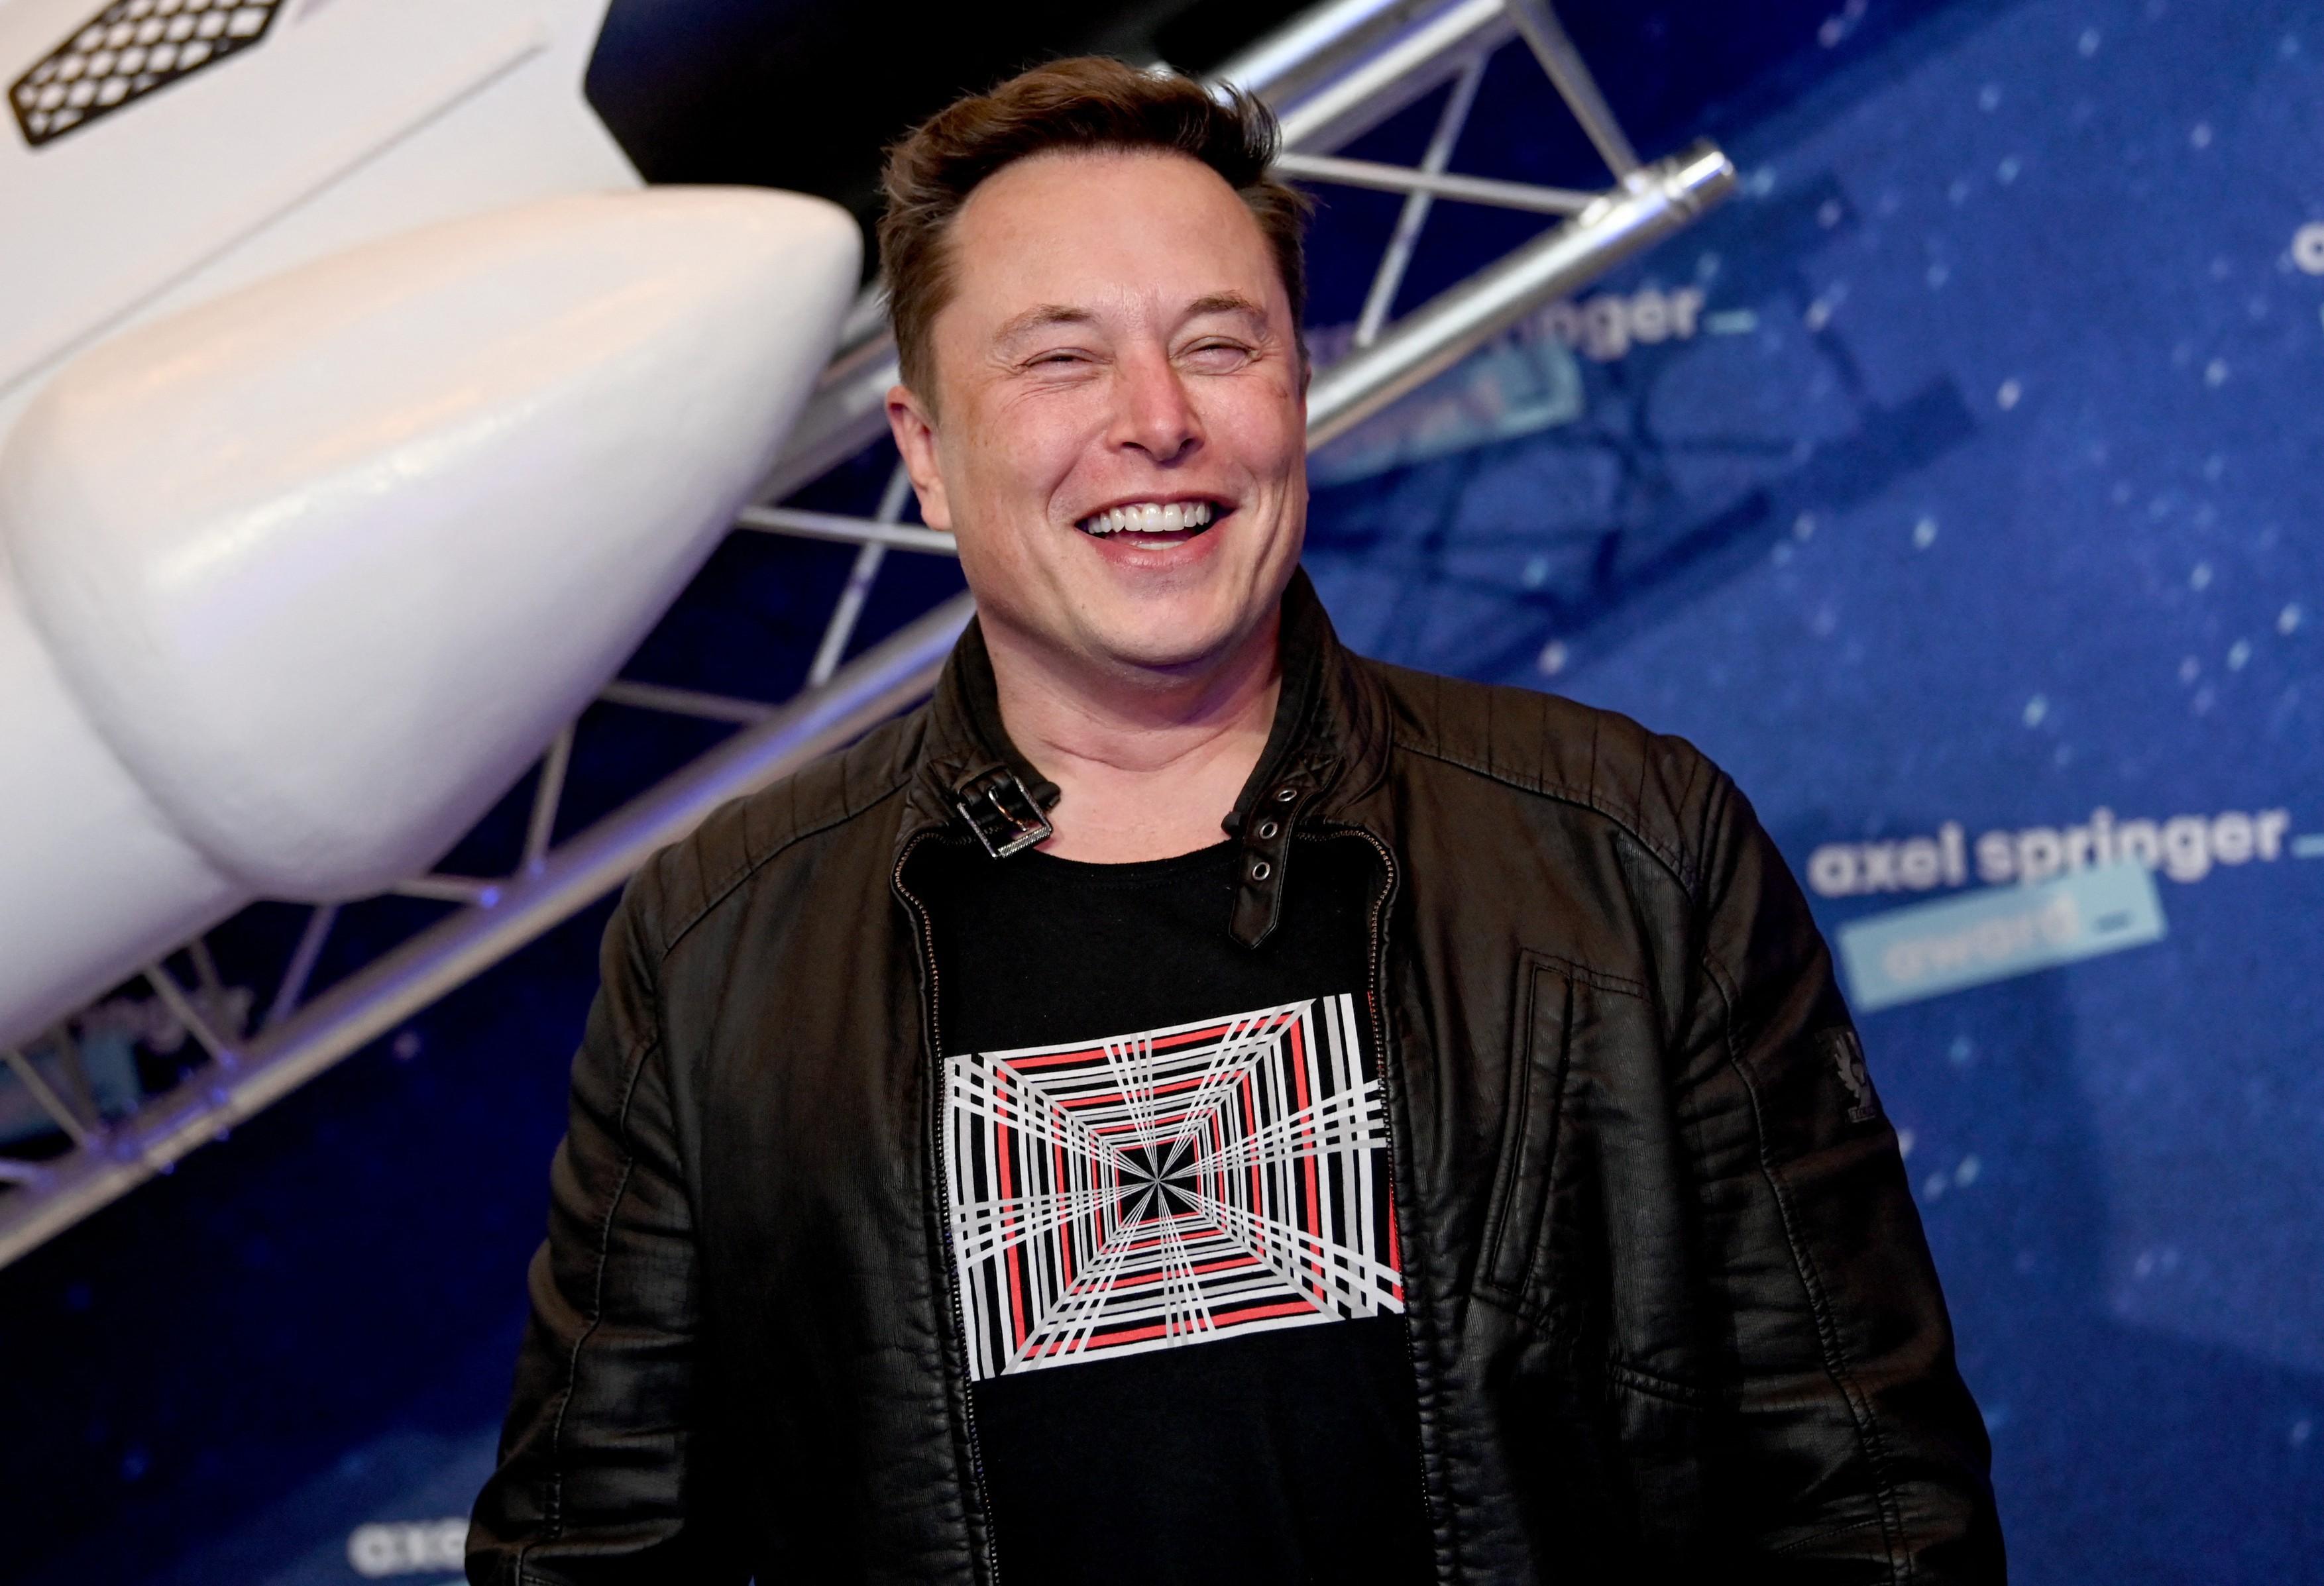 Compania lui Elon Musk va duce următorii oameni pe lună. SpaceX a semnat cu NASA / Data la care ar putea avea loc(...)